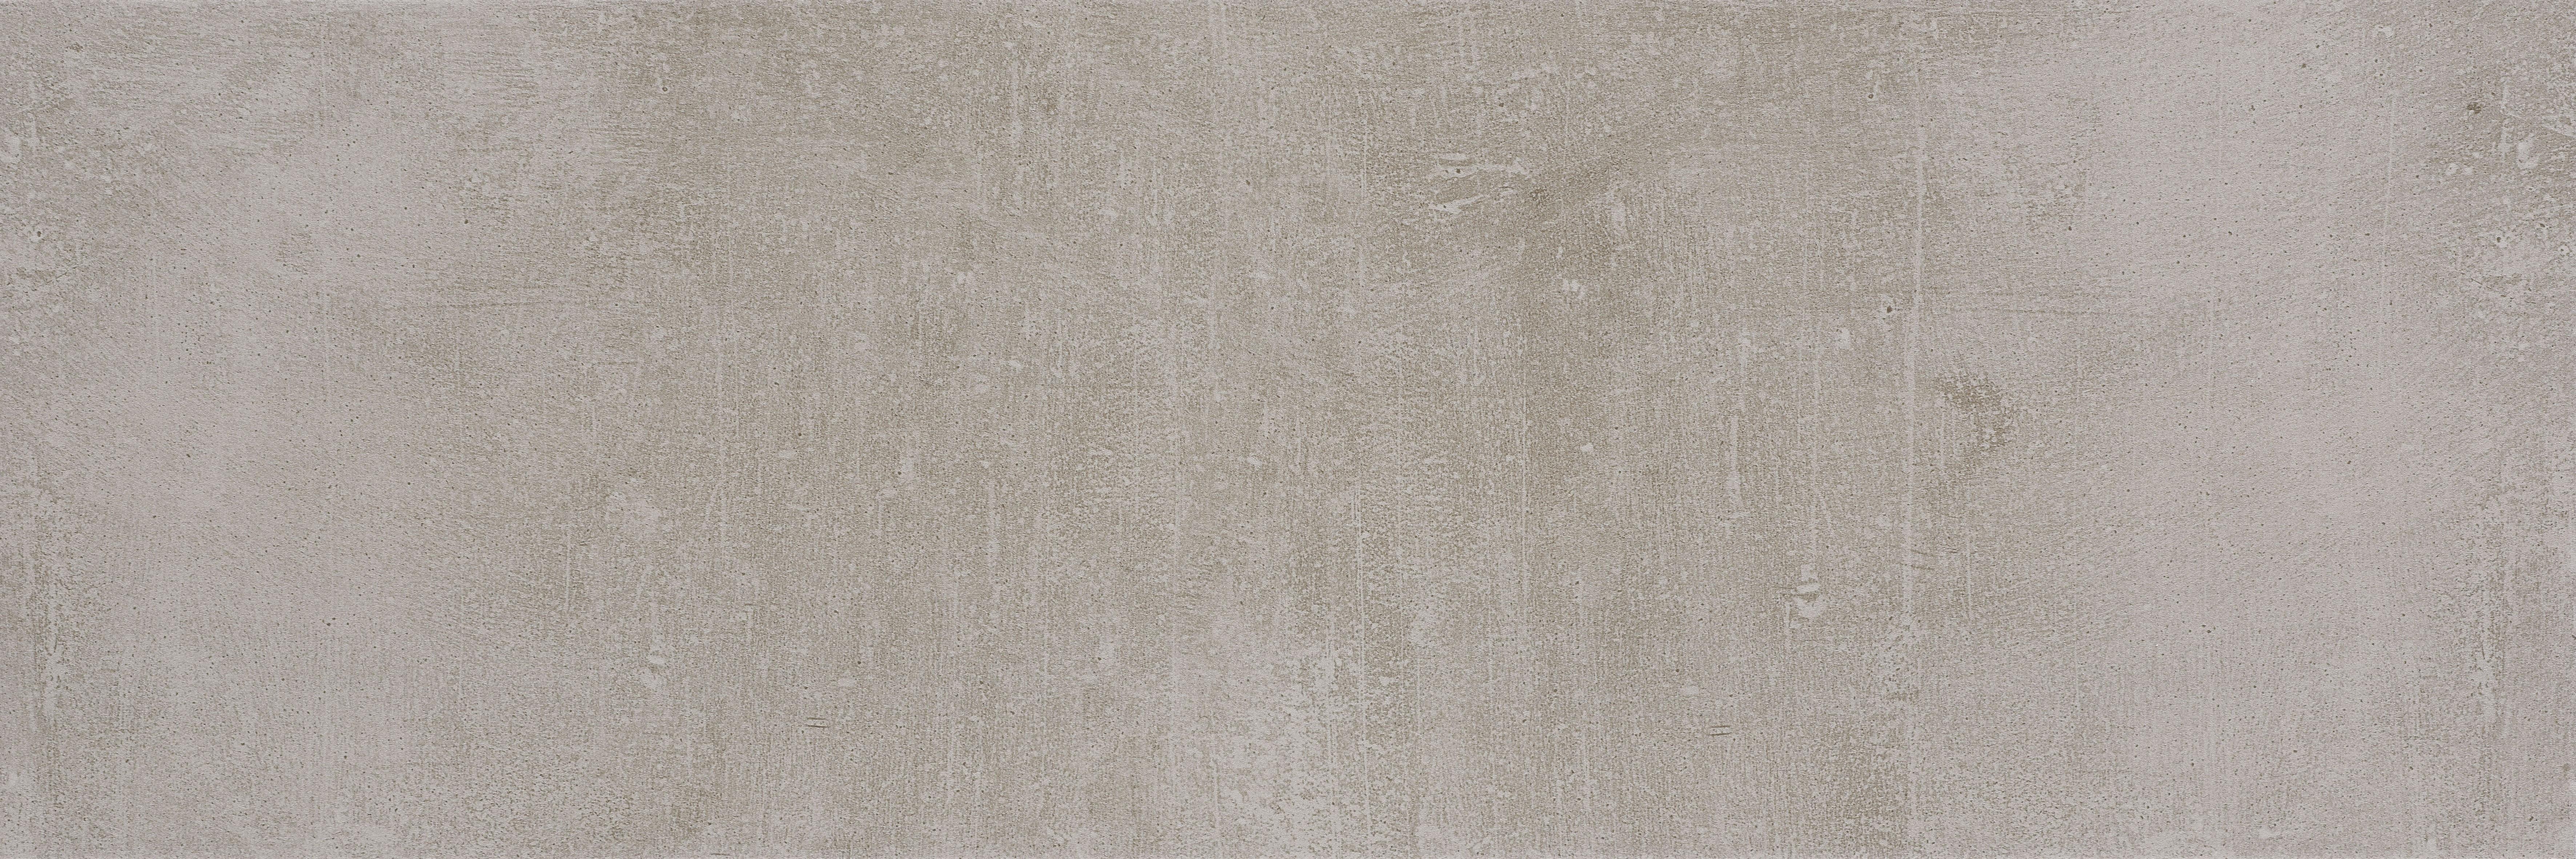 111 Code 561 Beton grey matt 30x90 - Hansas Plaadimaailm